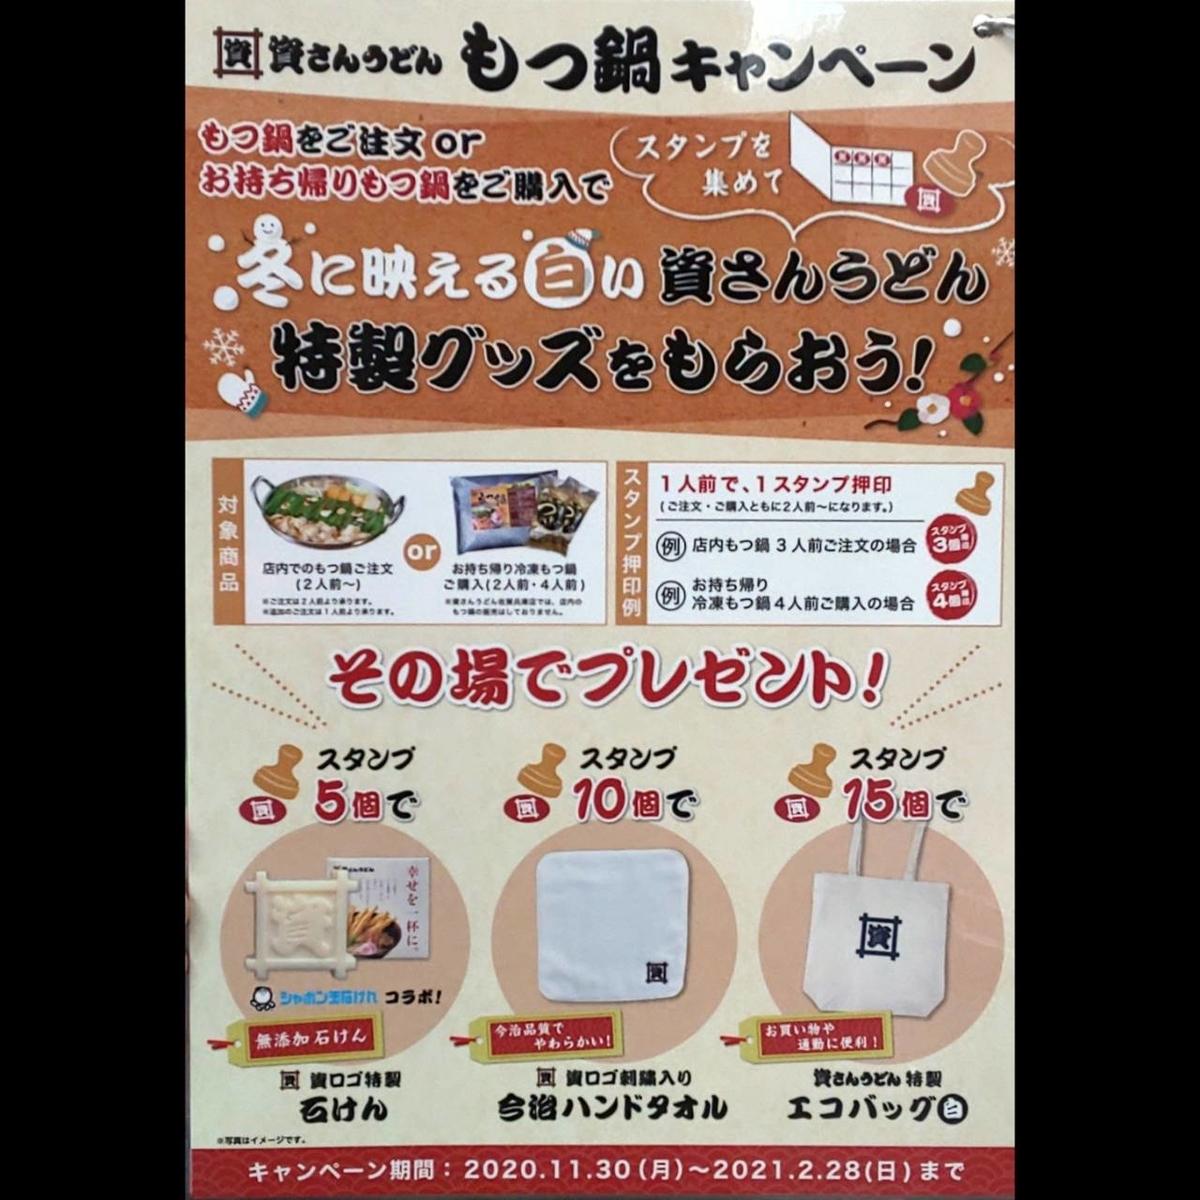 資さんうどん「もつ鍋」リニューアル キャンペーン スタンプカード 口コミ レビュー